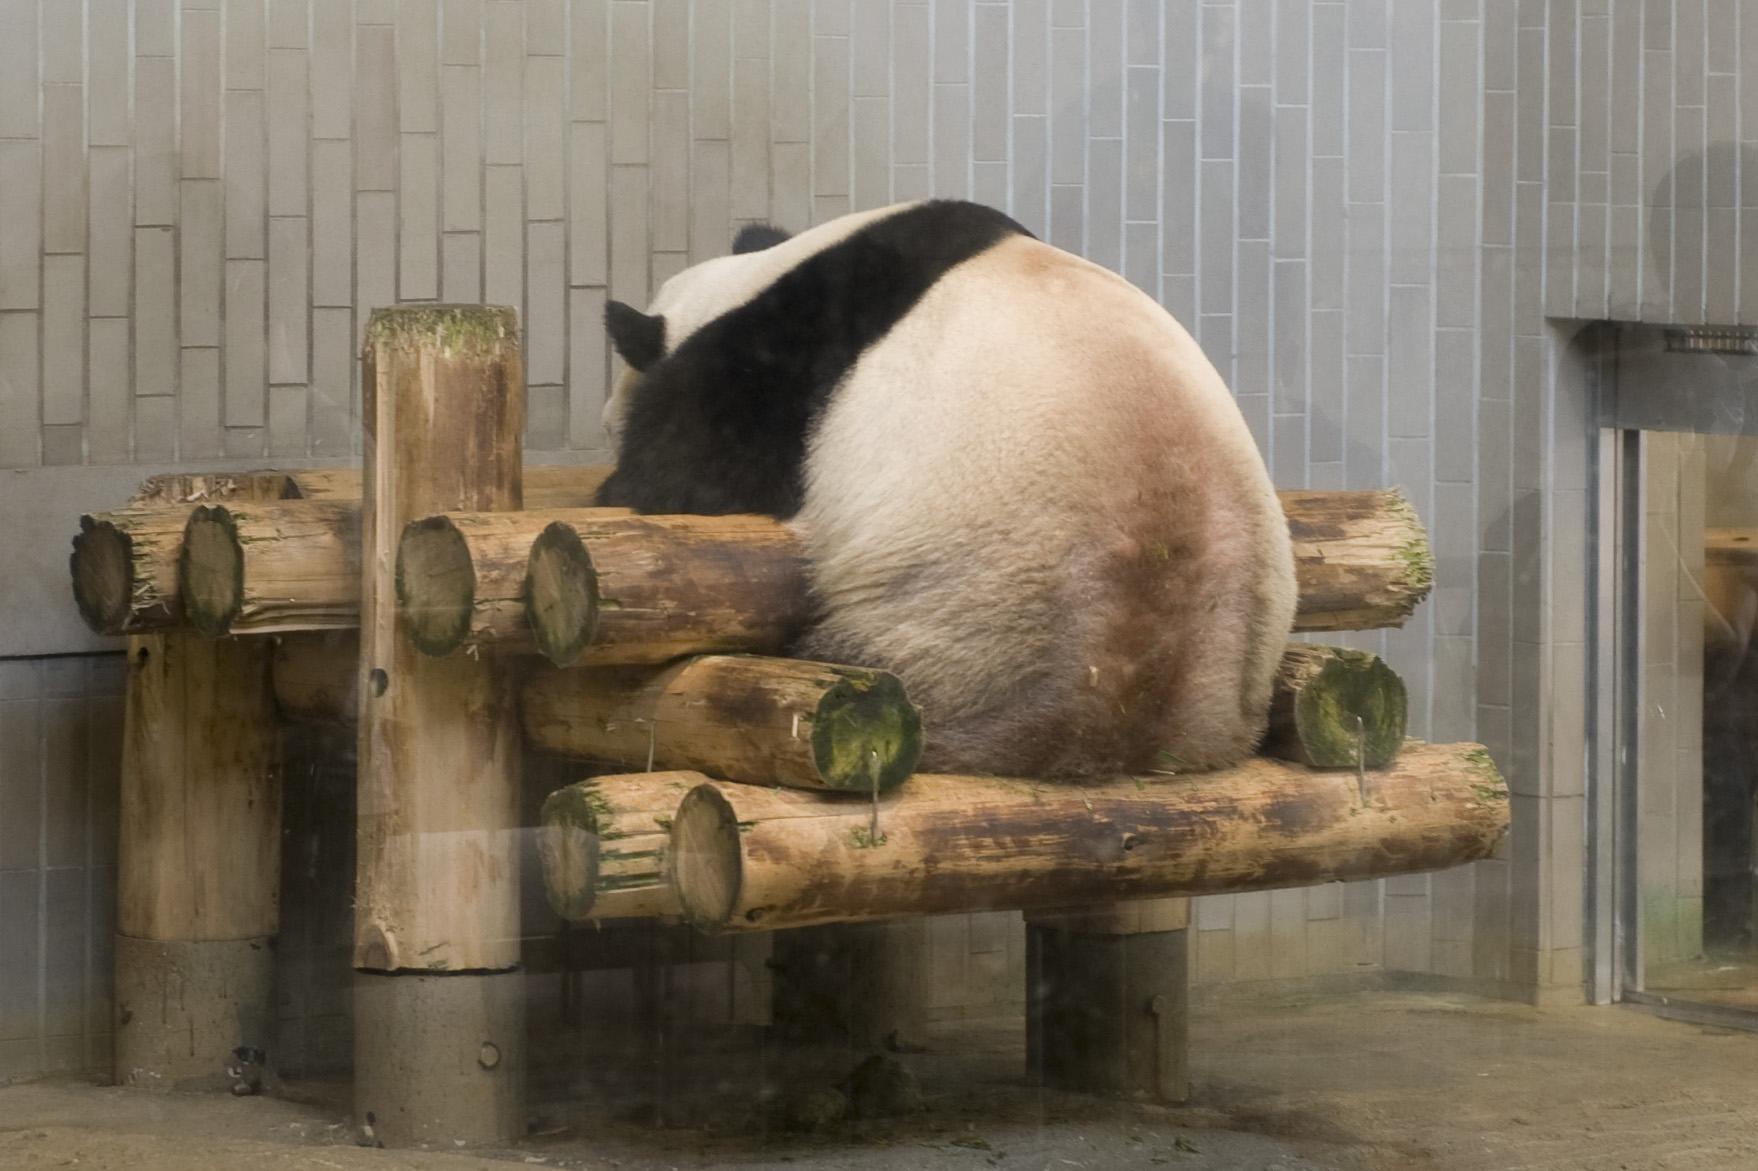 パンダ リーリー  今日のリーリーの様子  今日のパンダ(294日目)